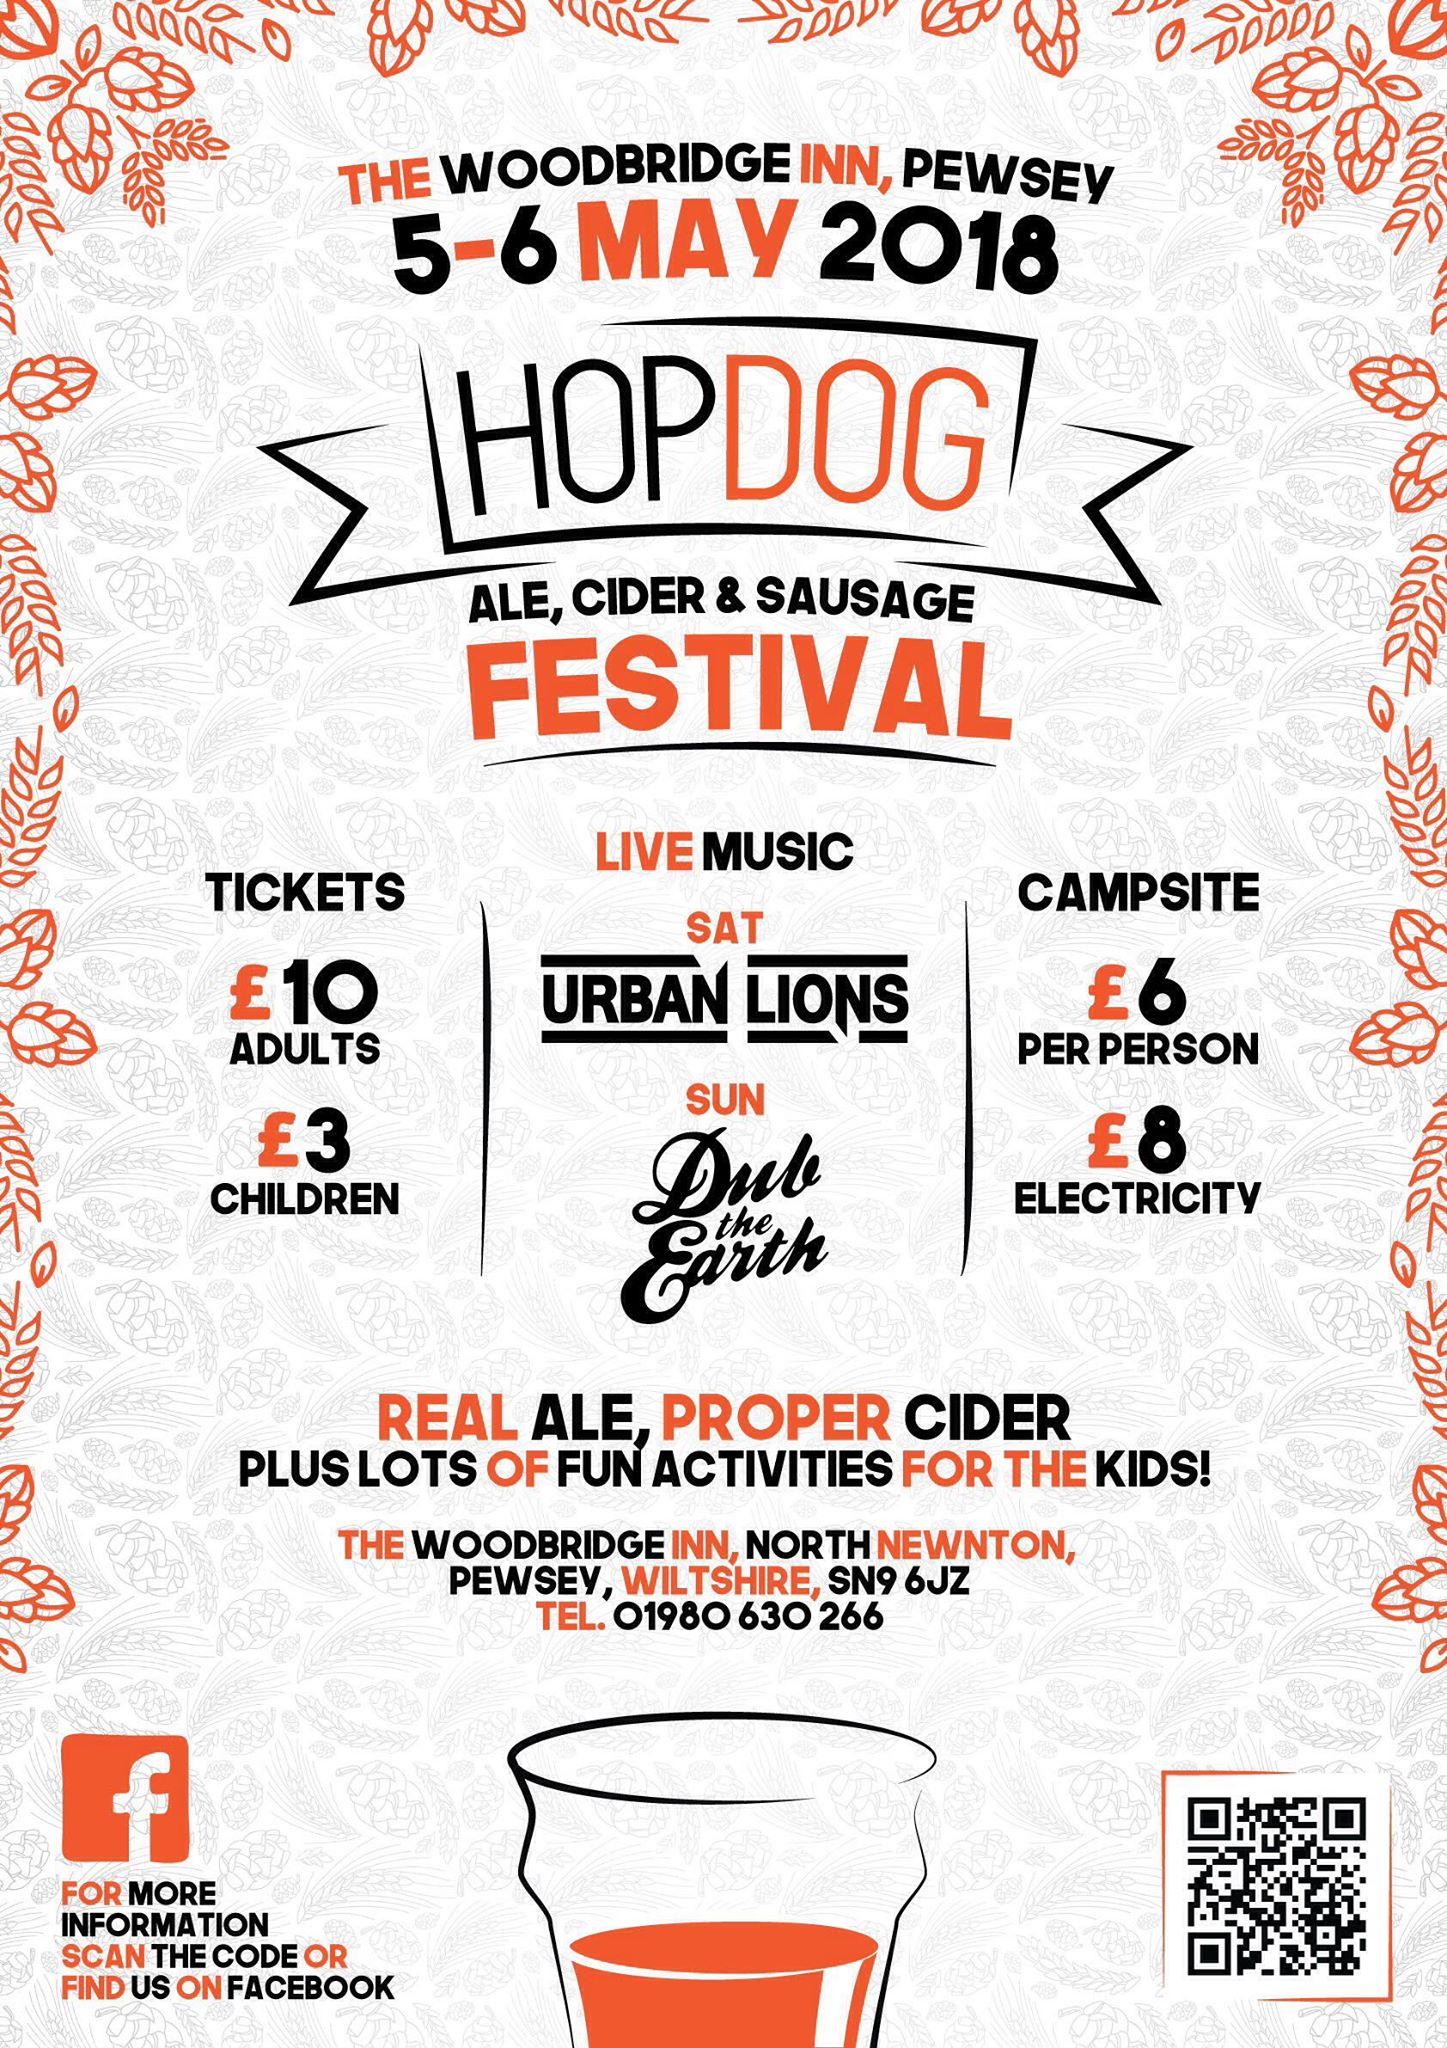 Hopdog Festival